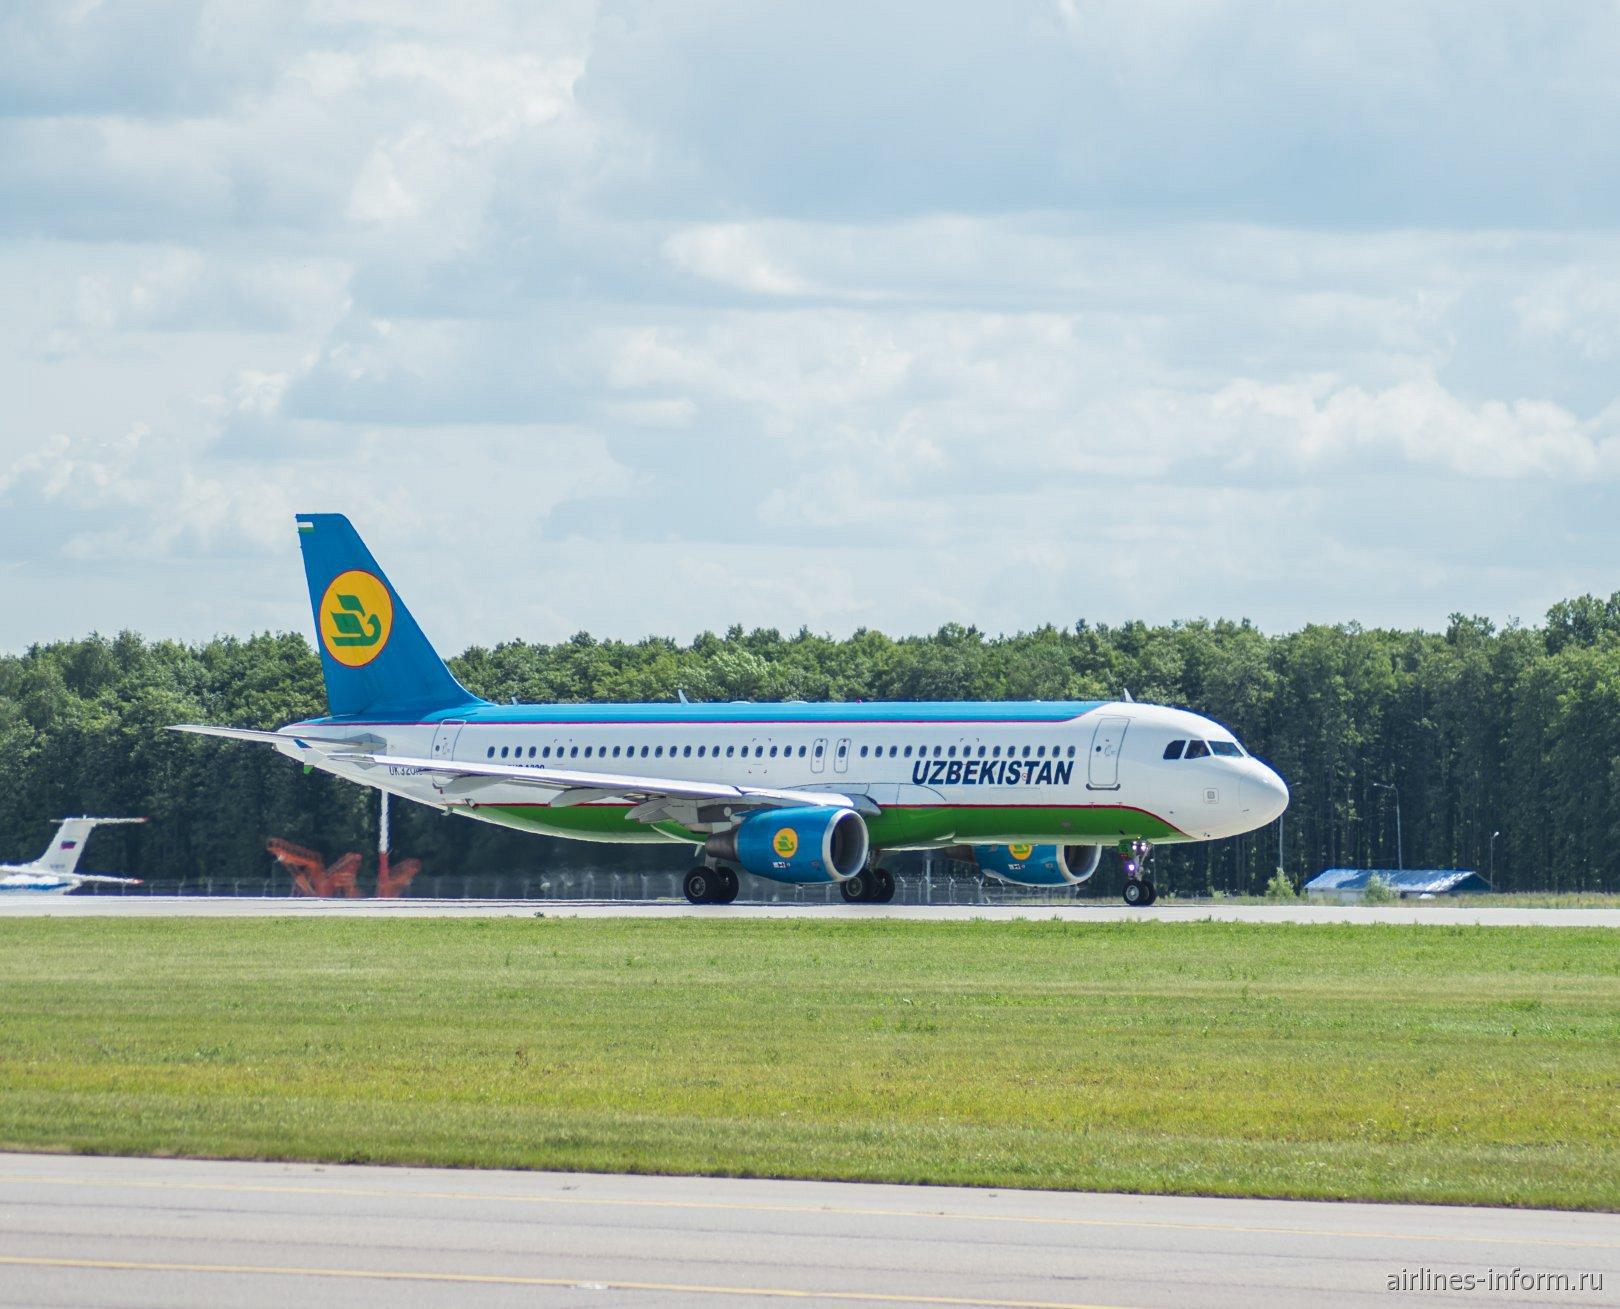 Airbus A320 Узбекских авиалиний на рулежной дорожке аэропорта Внуково